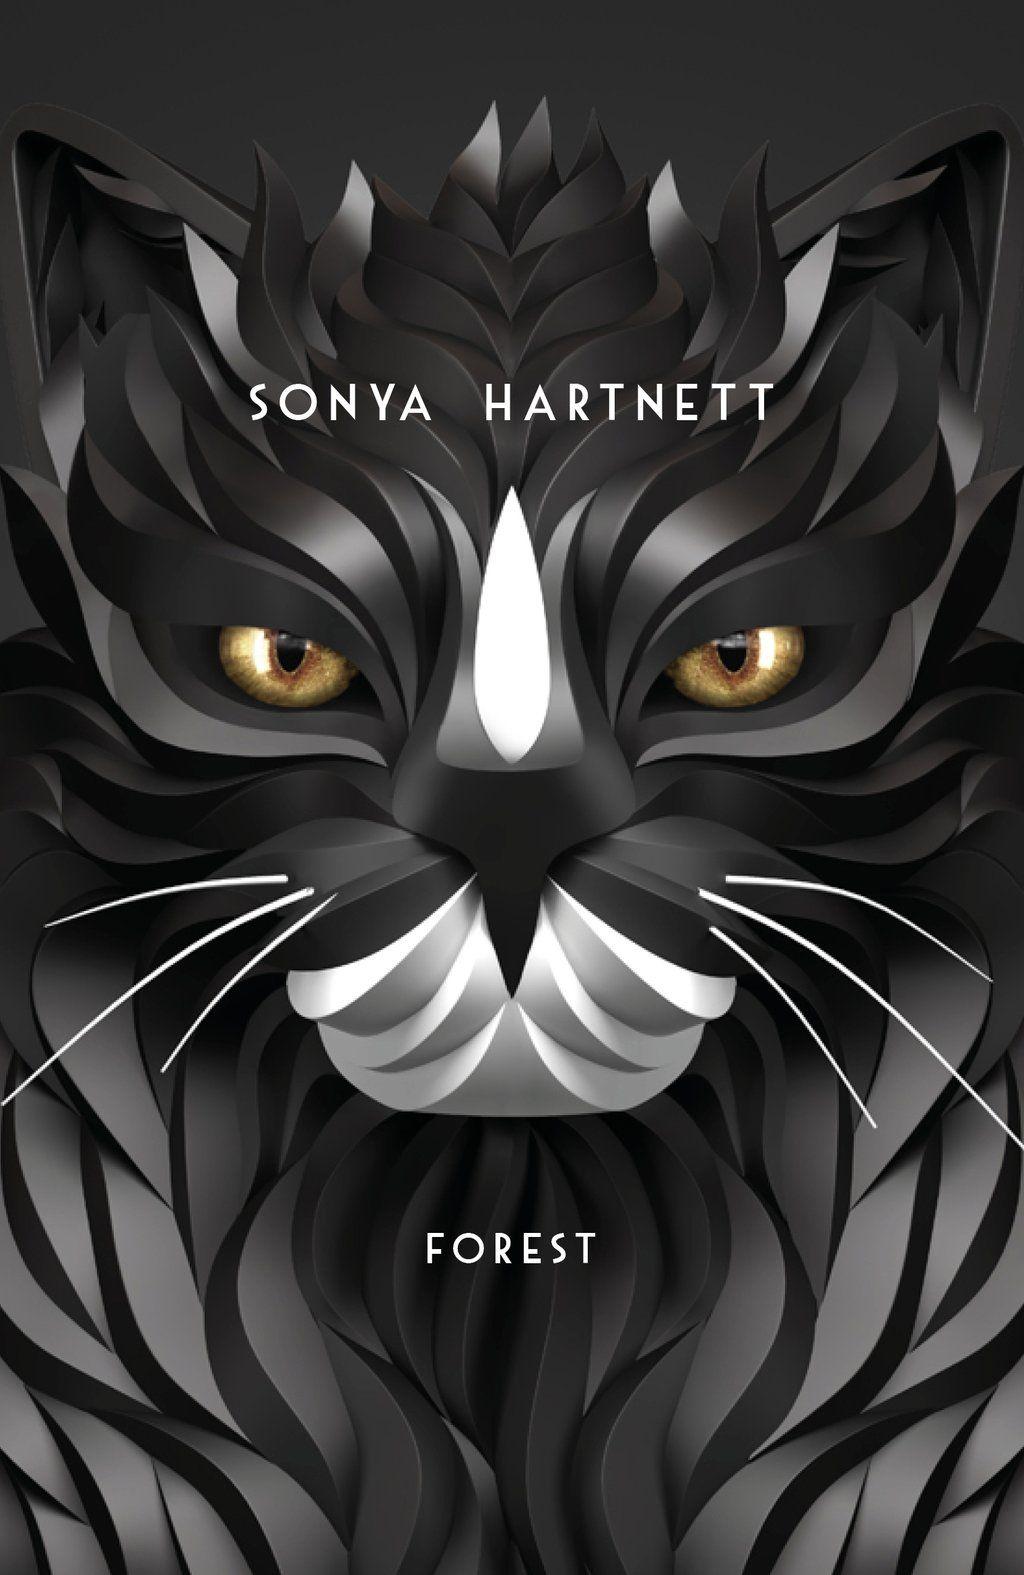 #CoverReveal: Forest - Sonya Hartnett, AUS